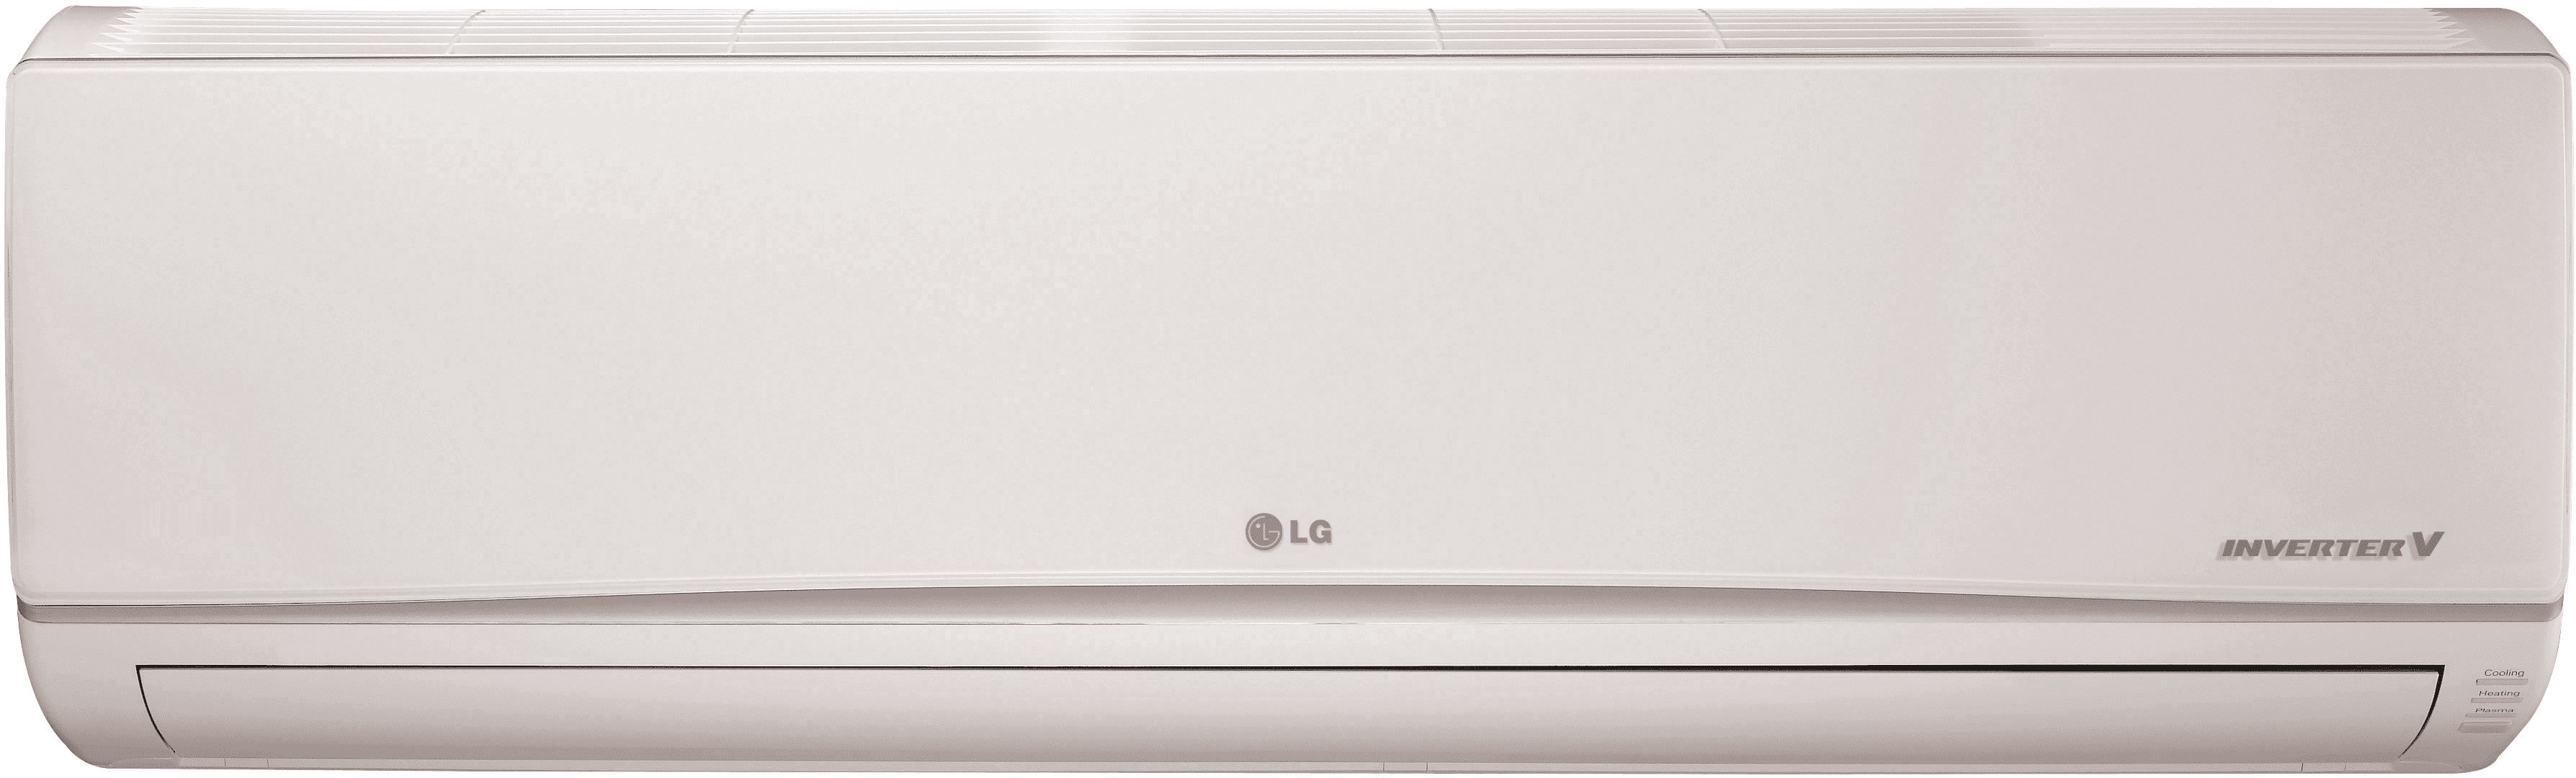 Lg Lsn180hsv4 18000 Class Btu Wall Mounted Mini Split Indoor Air